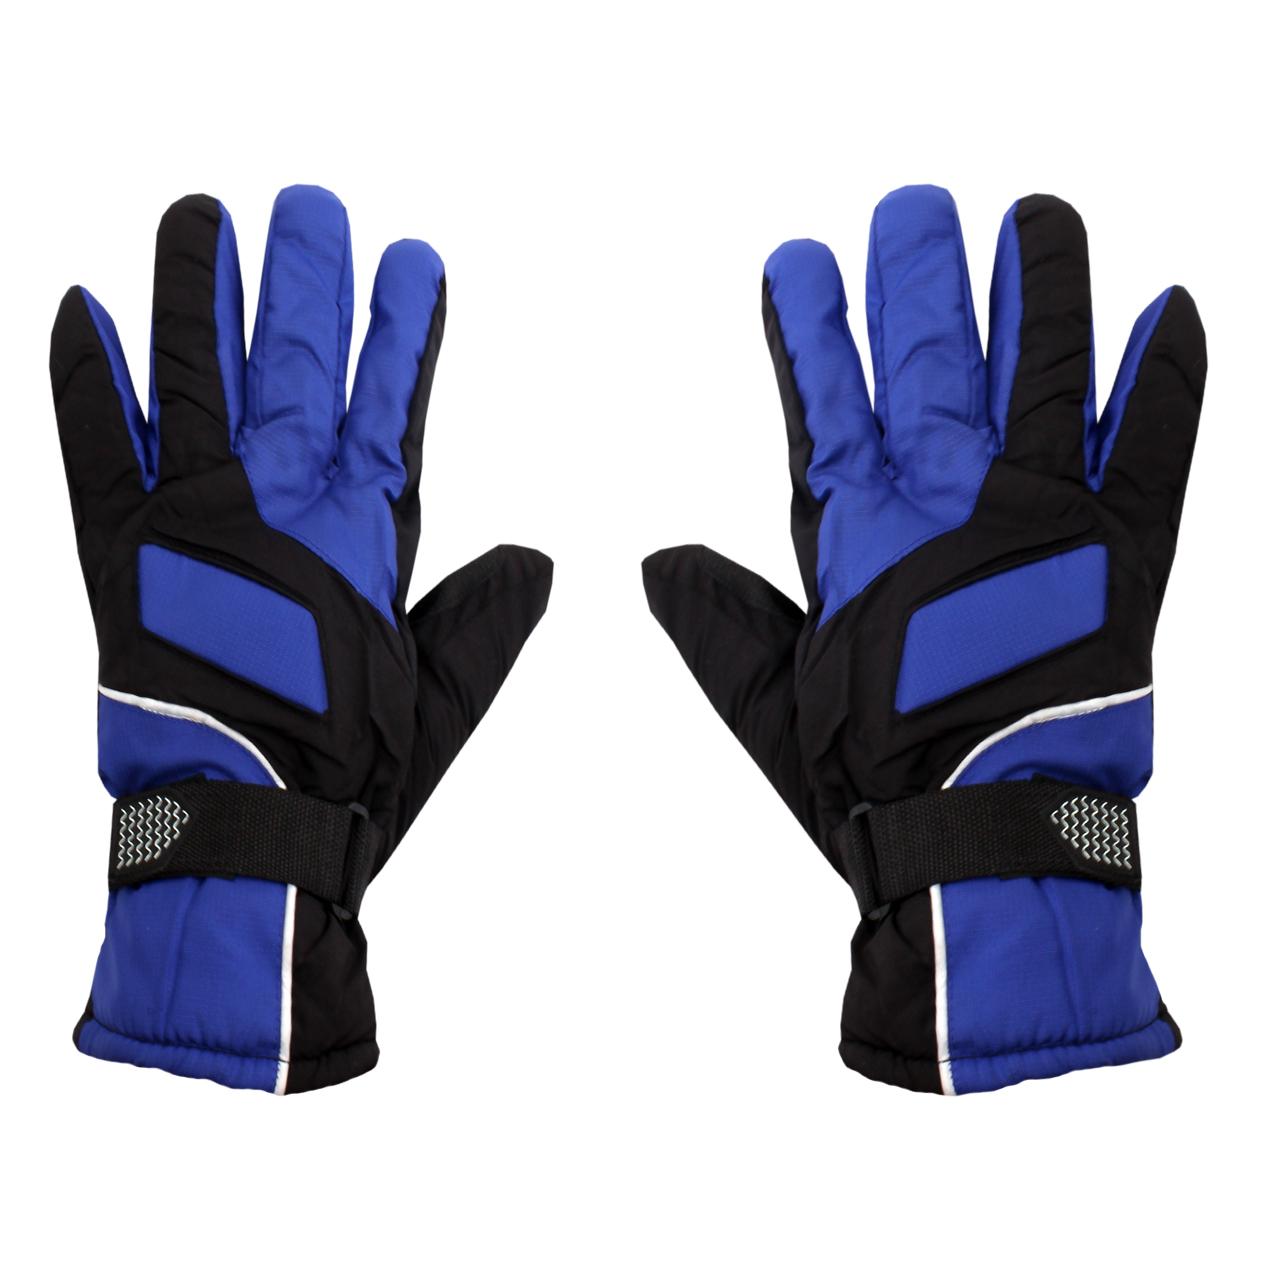 دستکش ورزشی مردانه کد 03